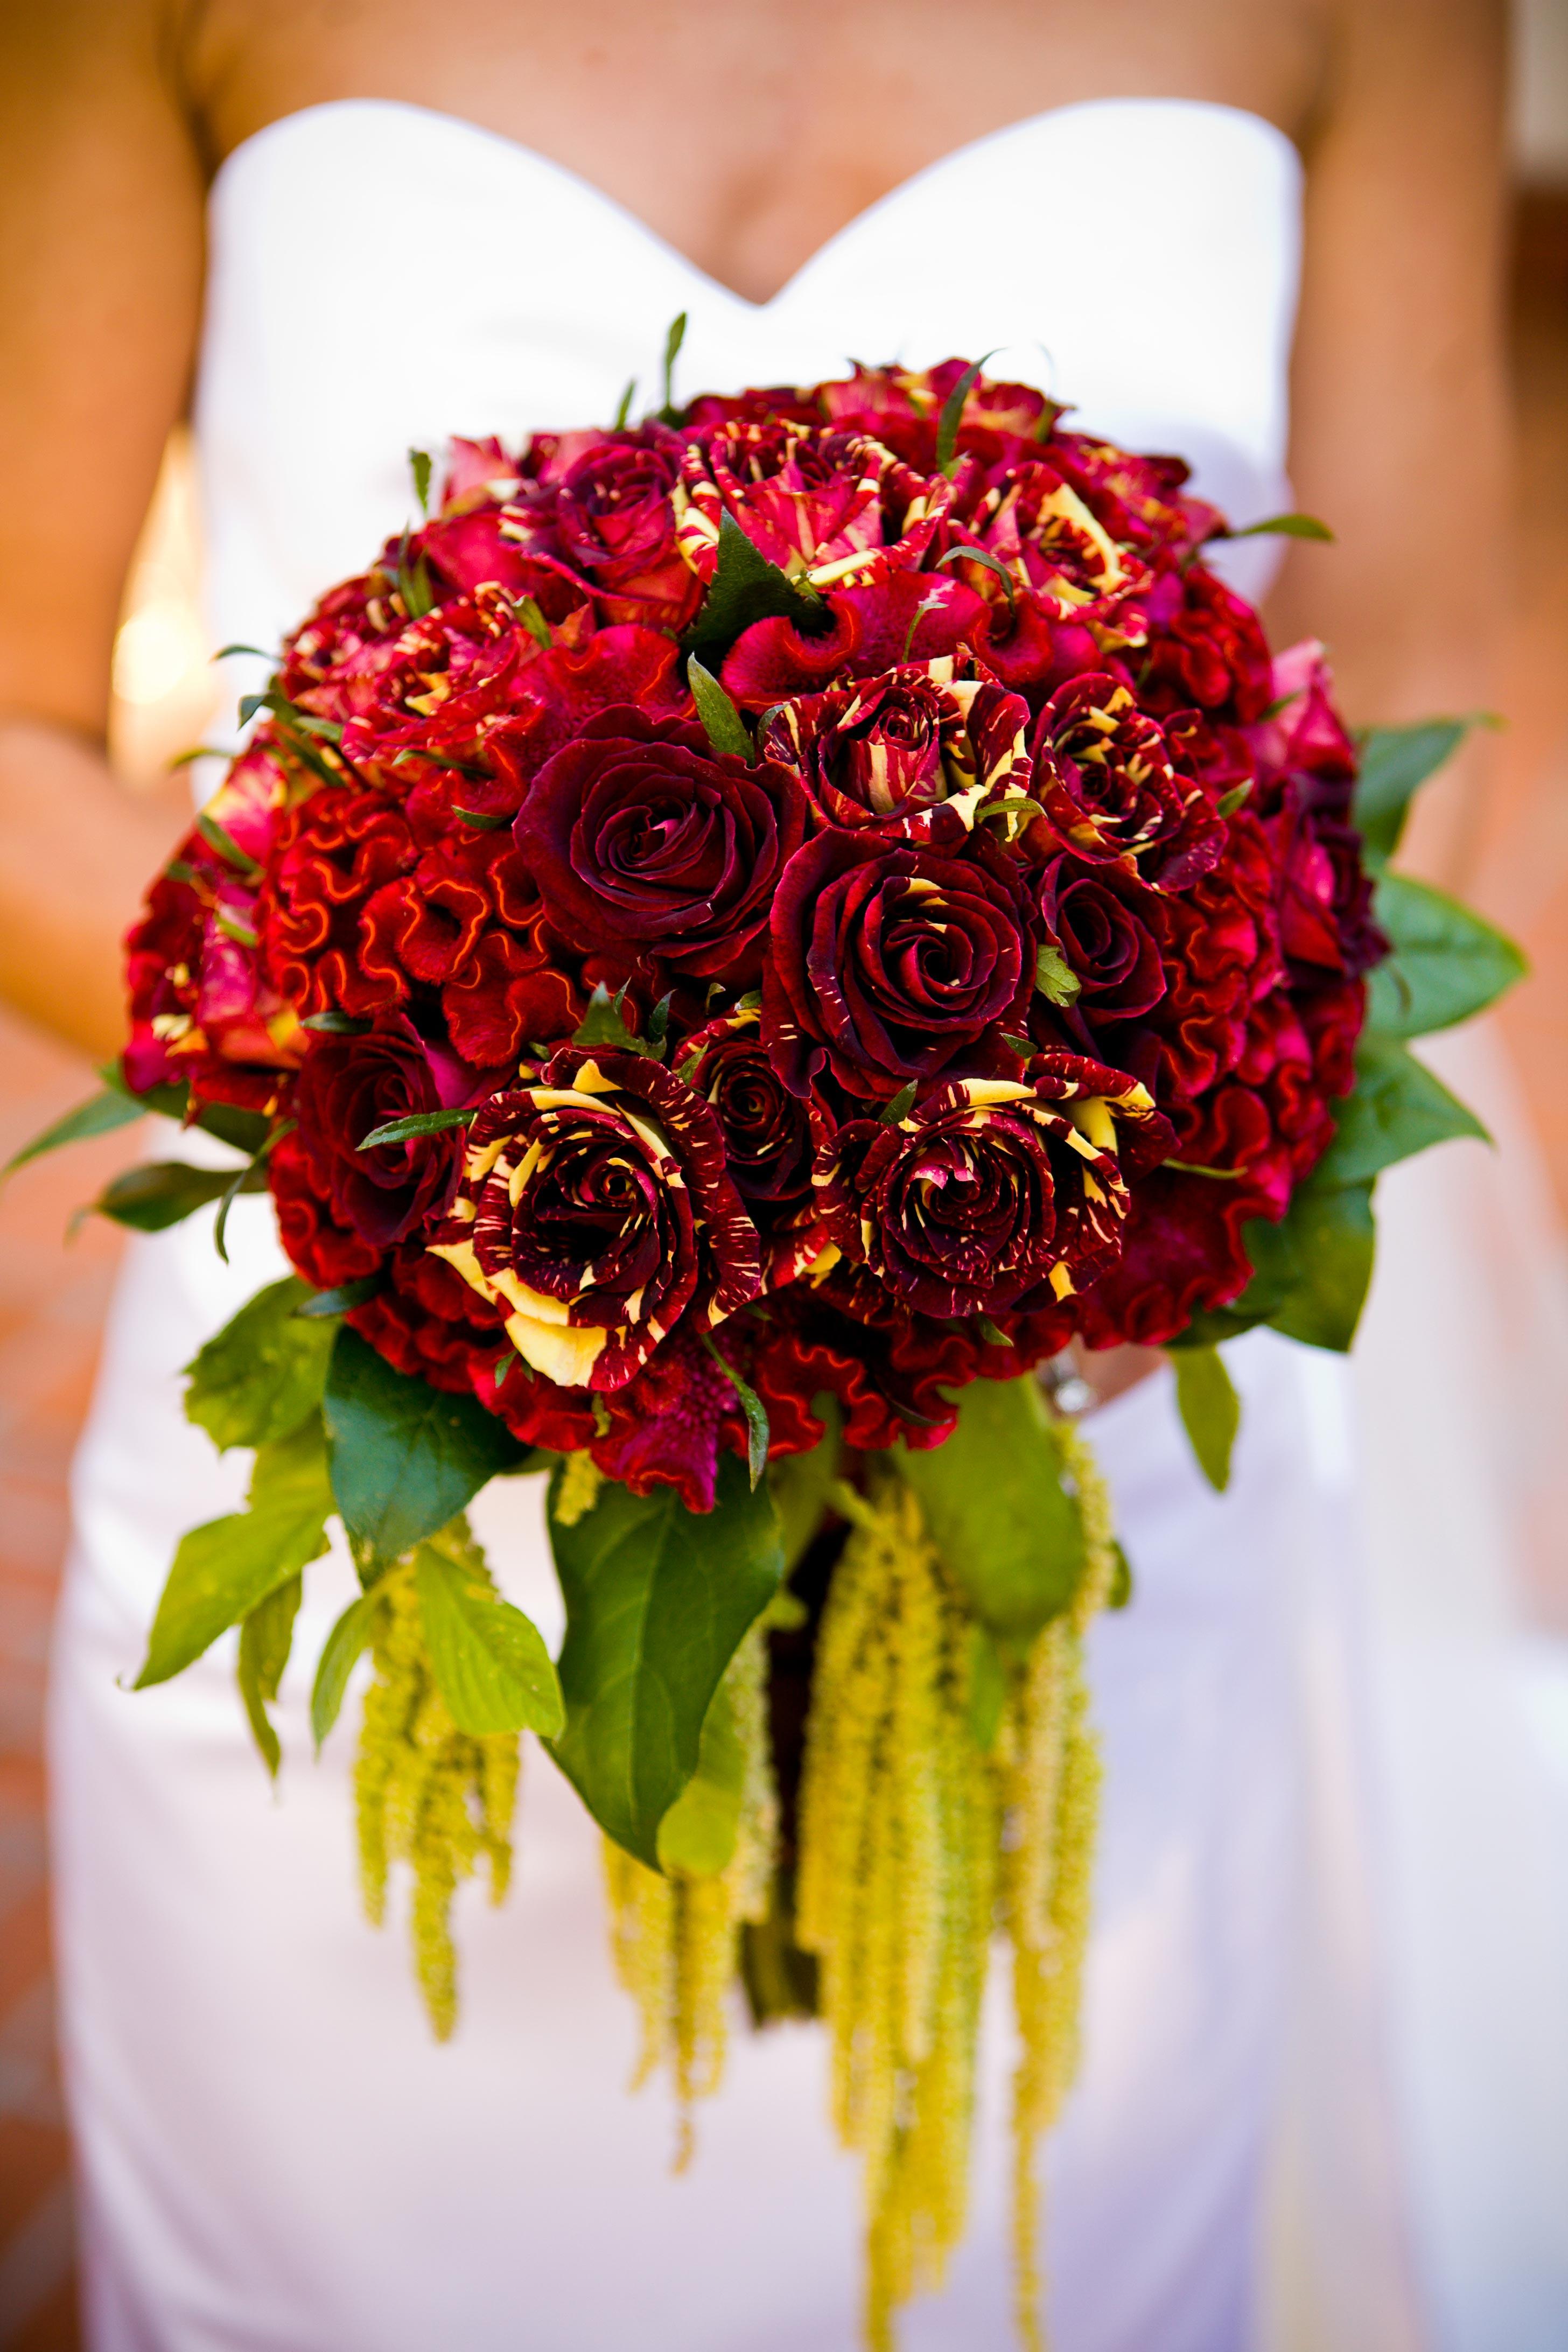 Hoa cưới cầm tay kết từ hoa hồng và hoa mào gà